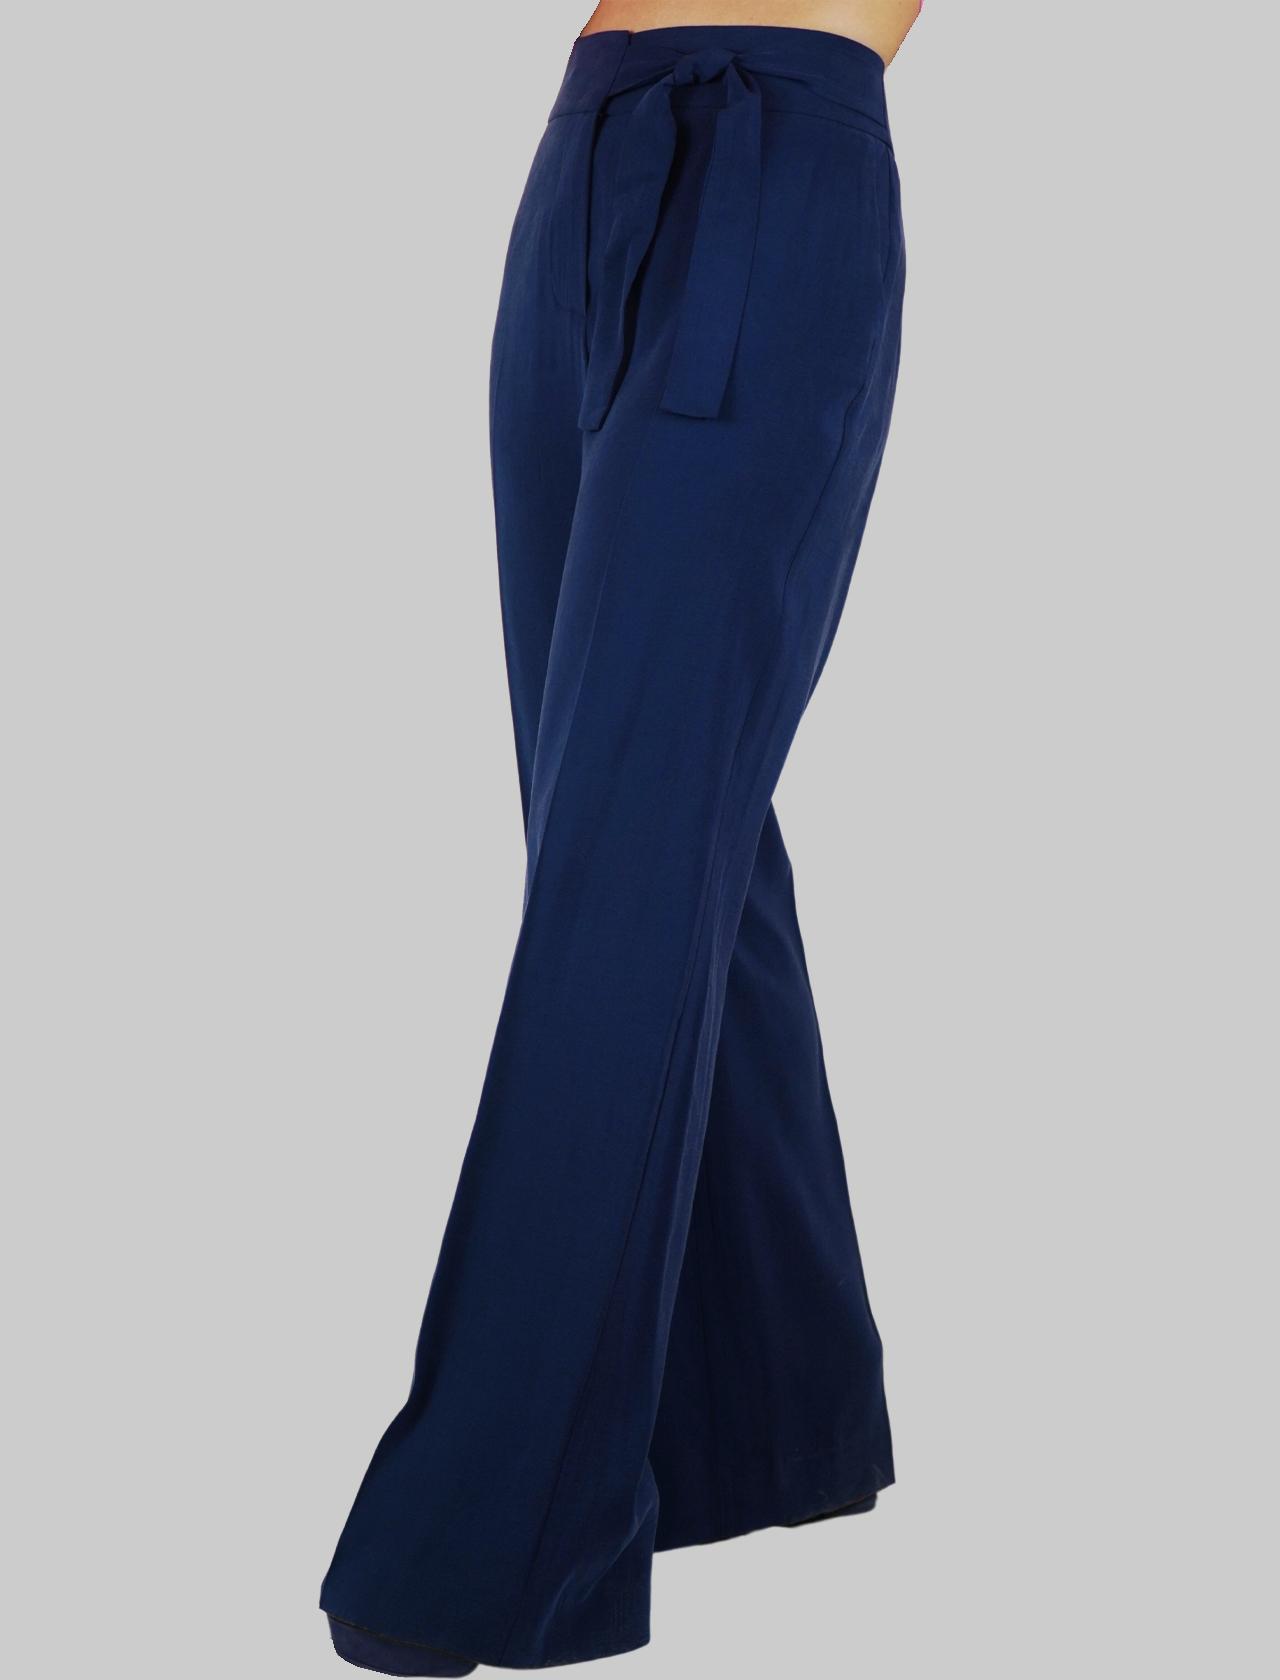 Abbigliamento Donna Pantalone Fiocco in Tessuto Blu Largo con Vestibilità Morbida Mercì | Gonne e Pantaloni | P251U027